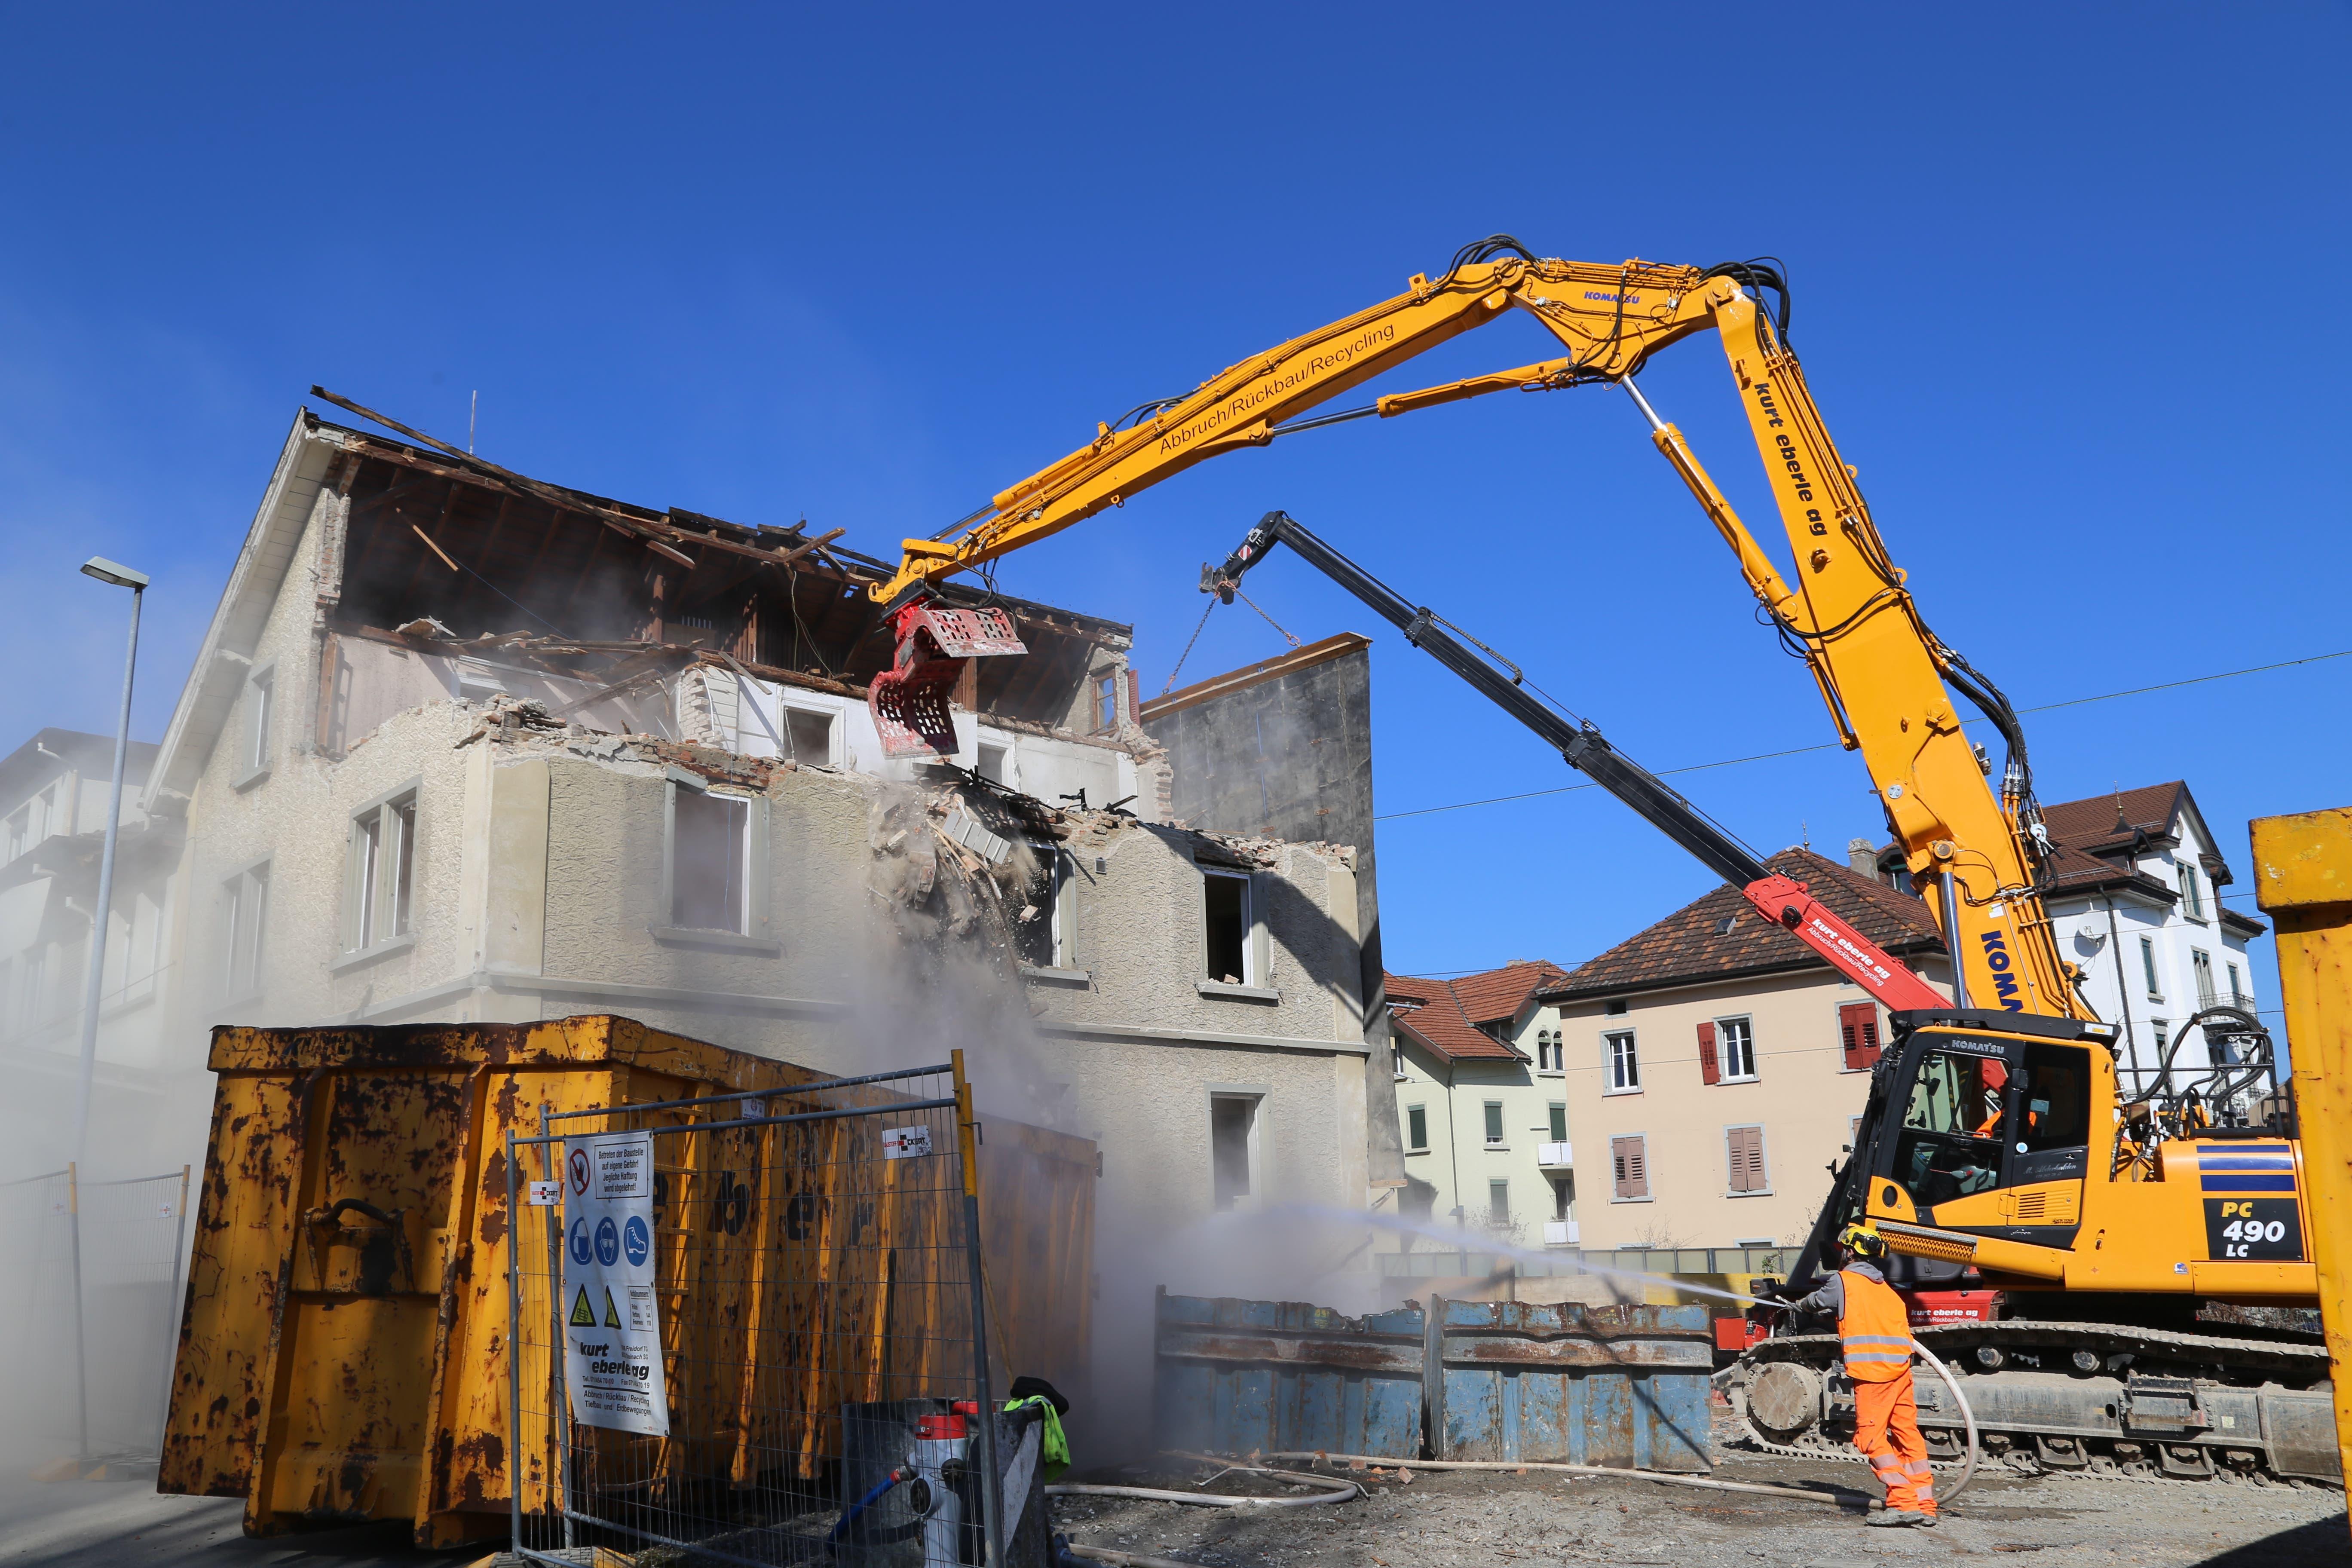 März: Dem Doppelspur-Ausbau und der Umgestaltung des Rorschacher Stadtbahnhofs fallen mehrere Häuser zum Opfer.